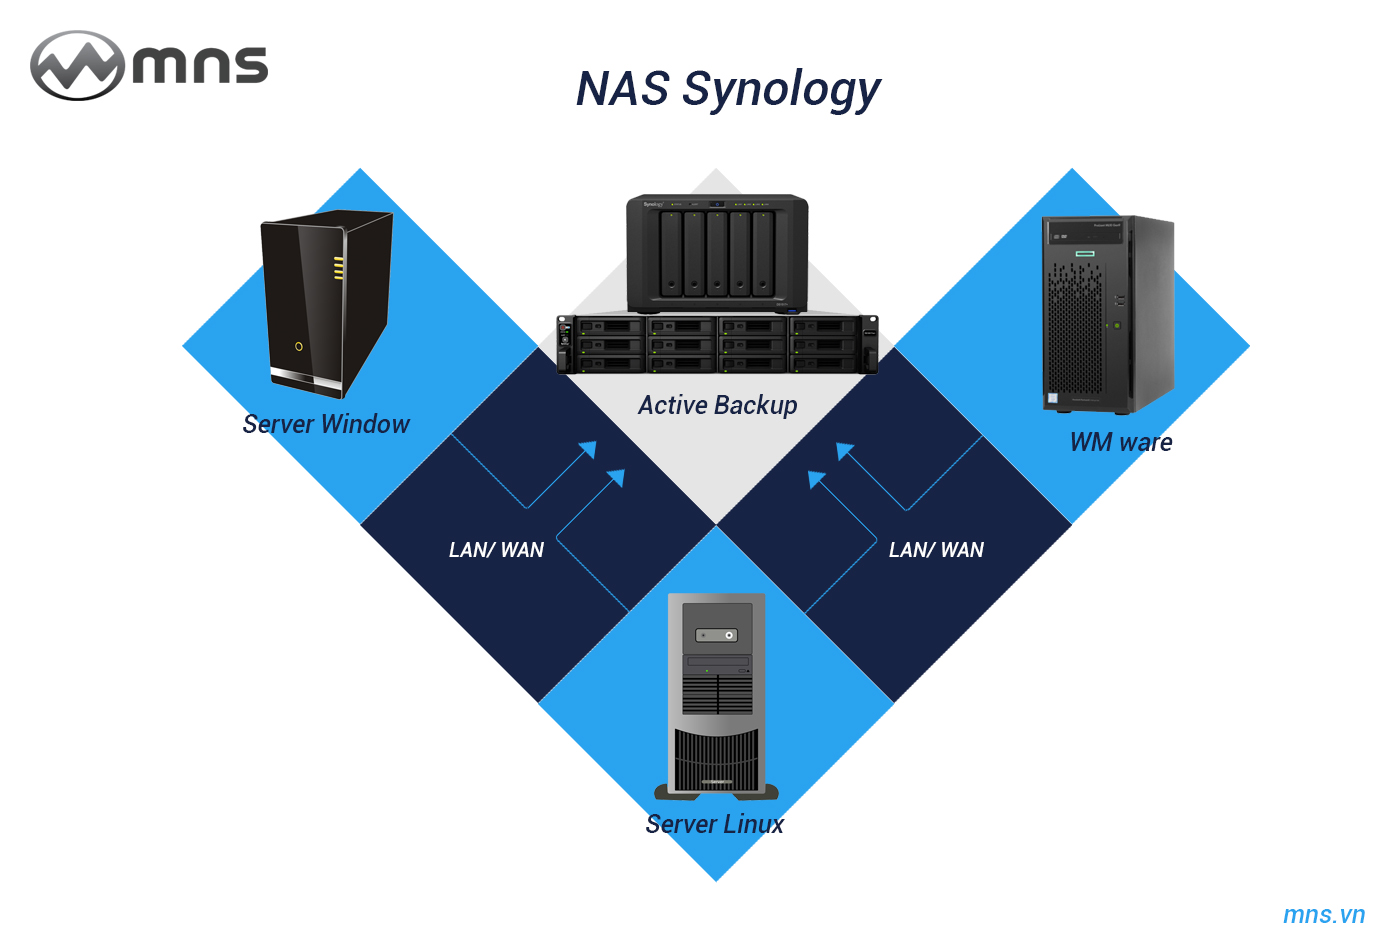 mns-nas-synology-backup-data-server-pc-laptop-wmwave